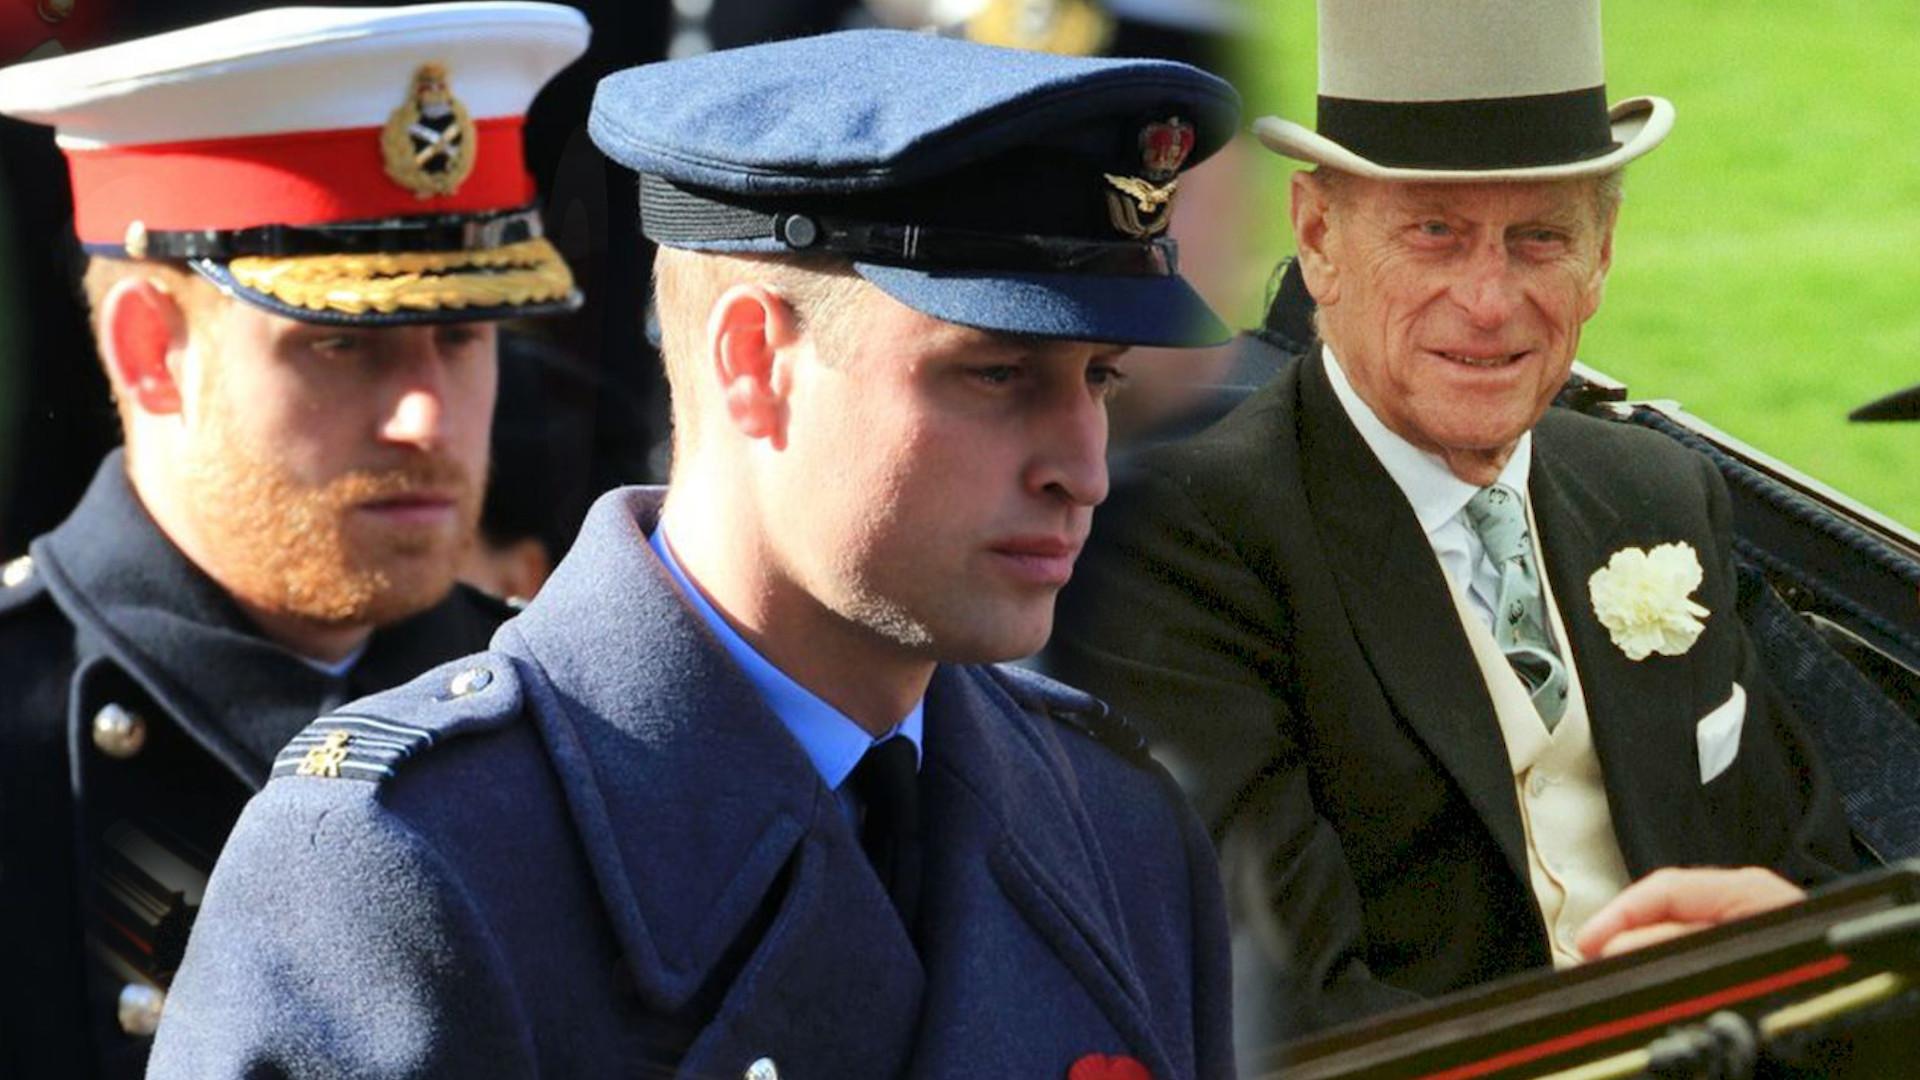 Rodzina królewska osobiście nie powiadomiła Harry'ego o śmierci księcia Filipa. Zrobił to…